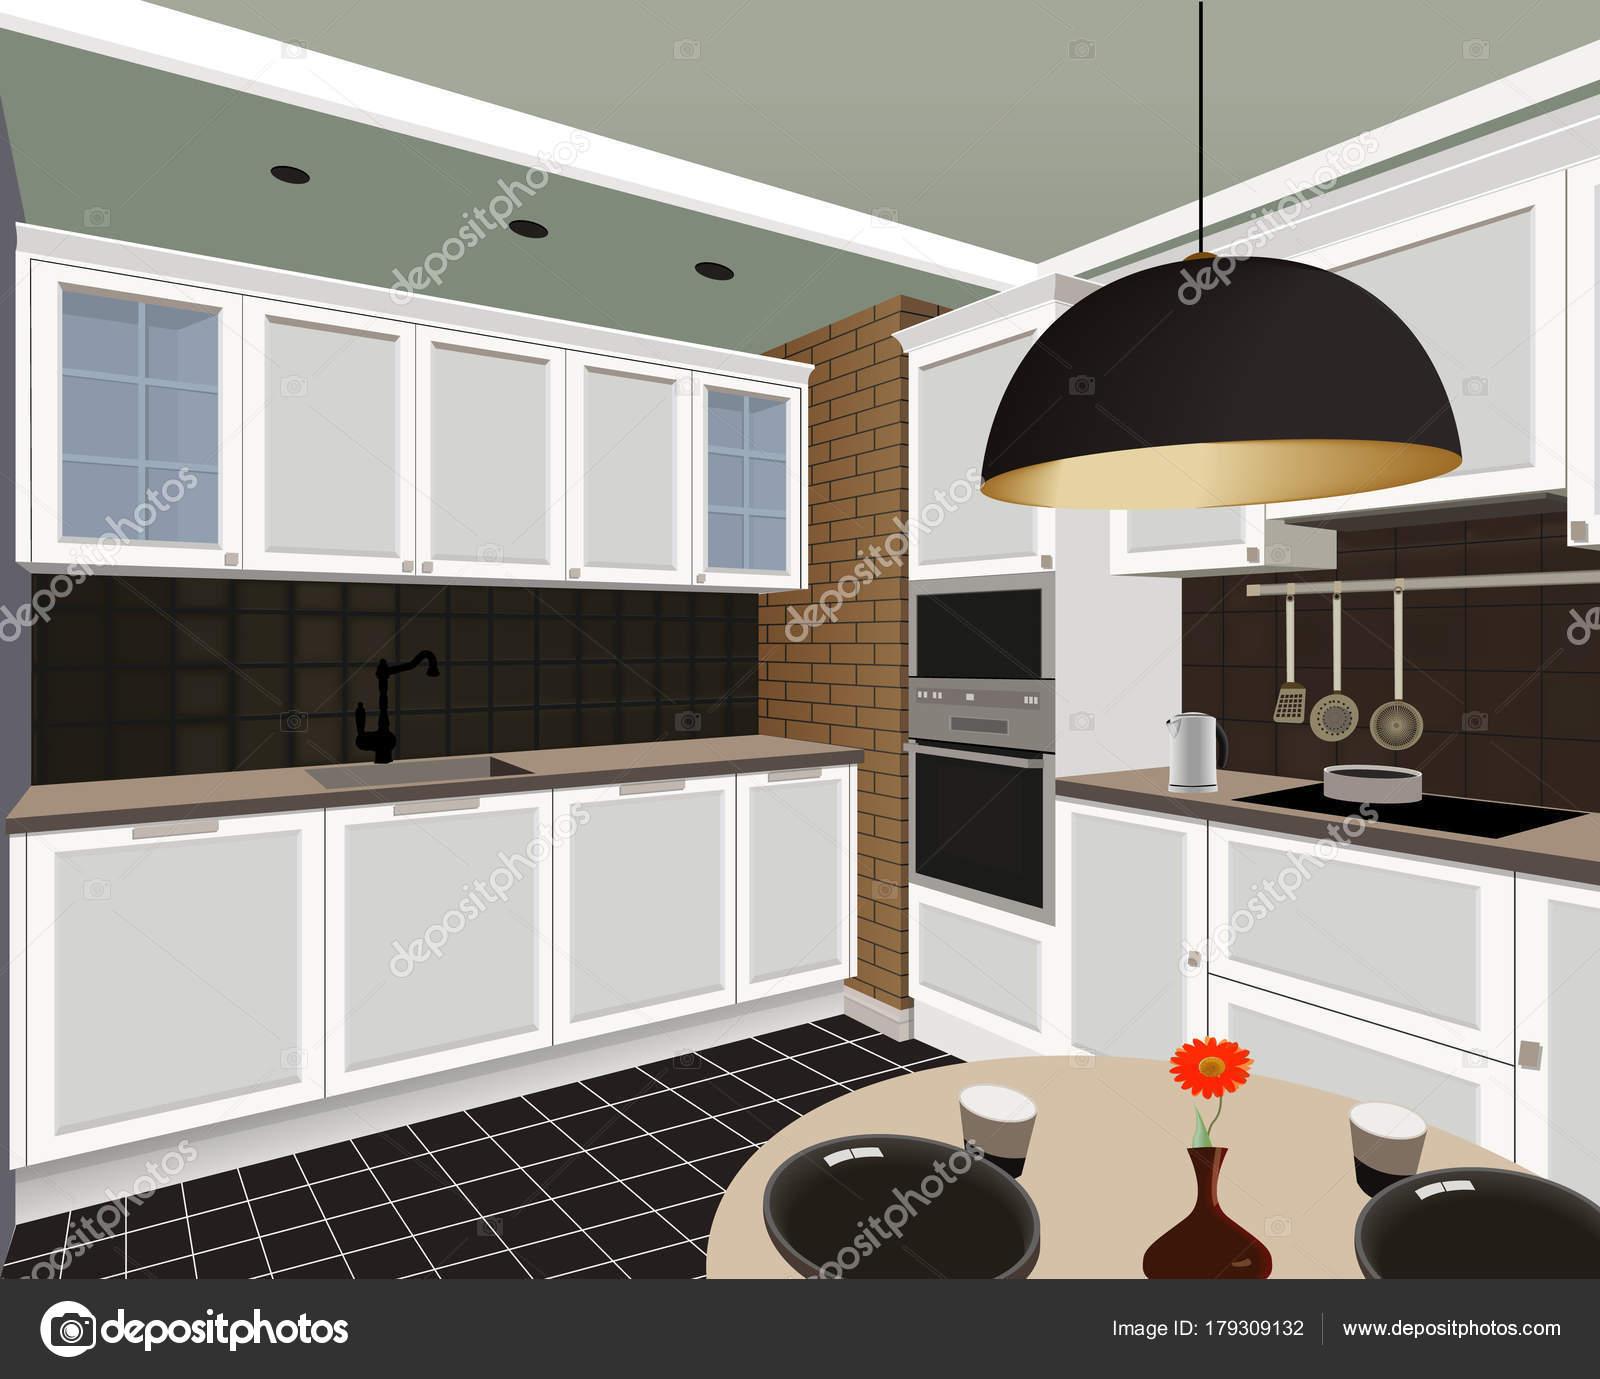 Disegni Di Cucine Moderne.Fondo Interno Di Cucina Con Mobili Disegno Della Cucina